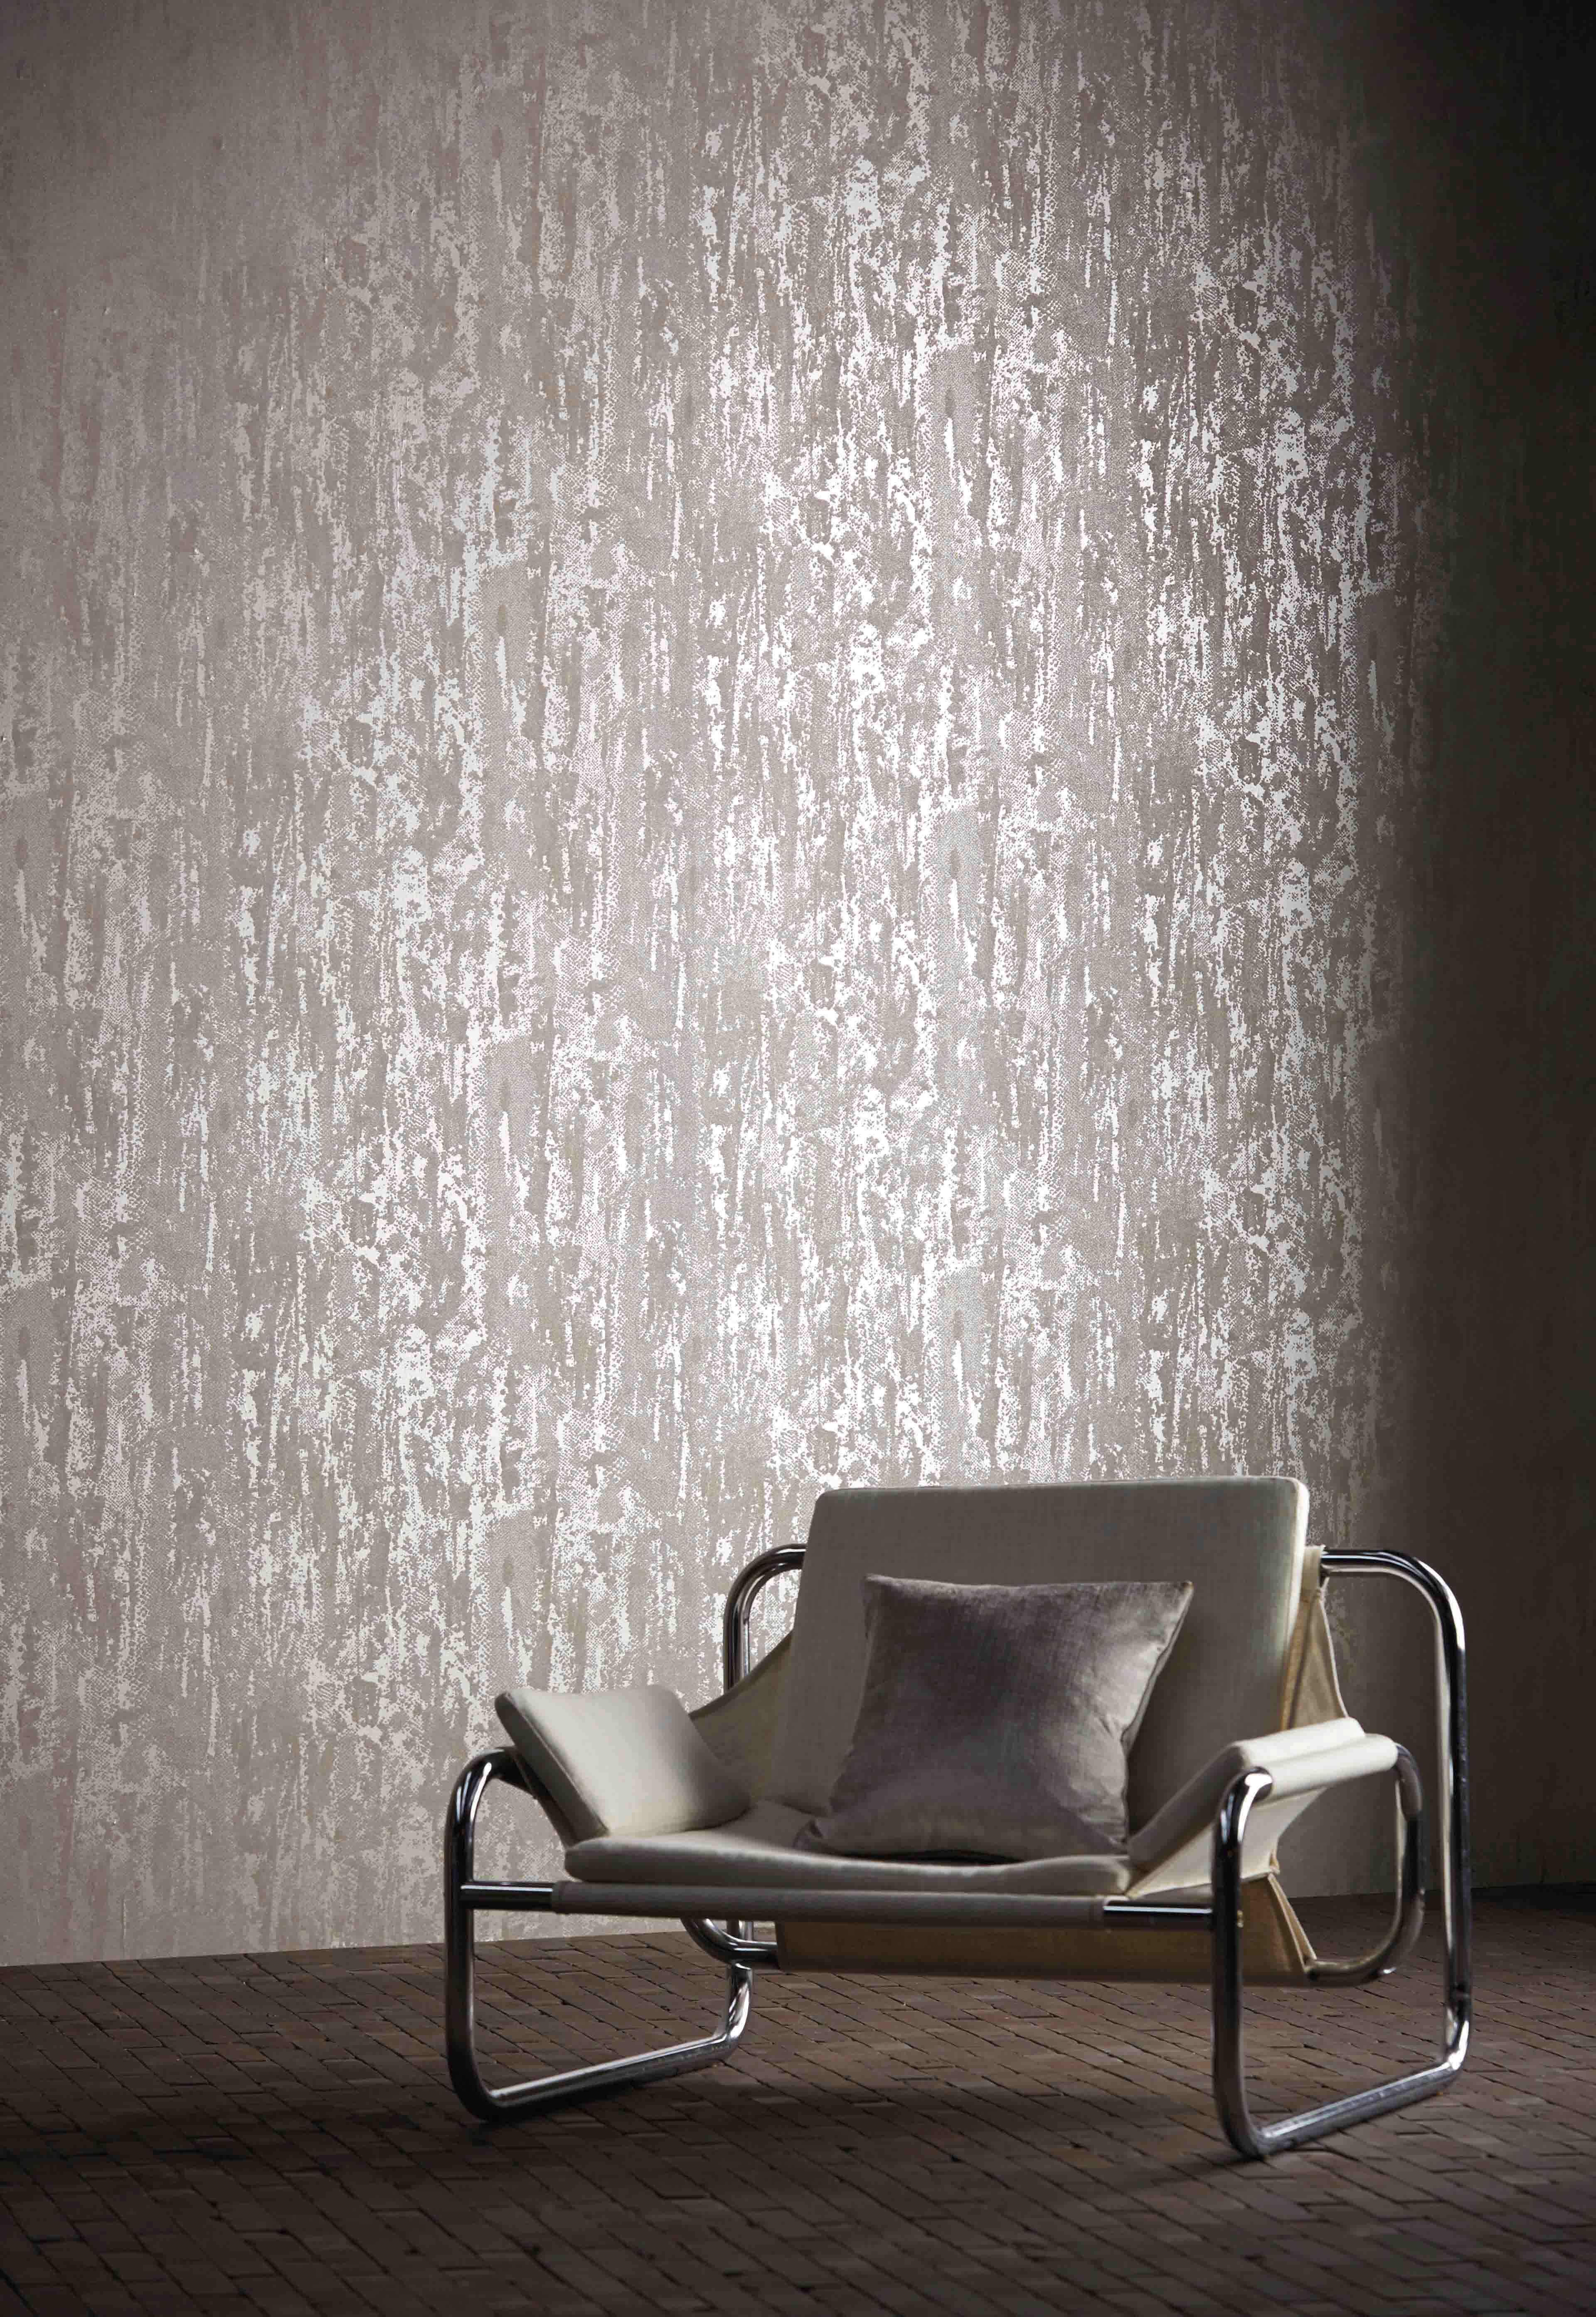 Wallpaper Designs For Living Room: Collection Papier Peint Anthology Modèle